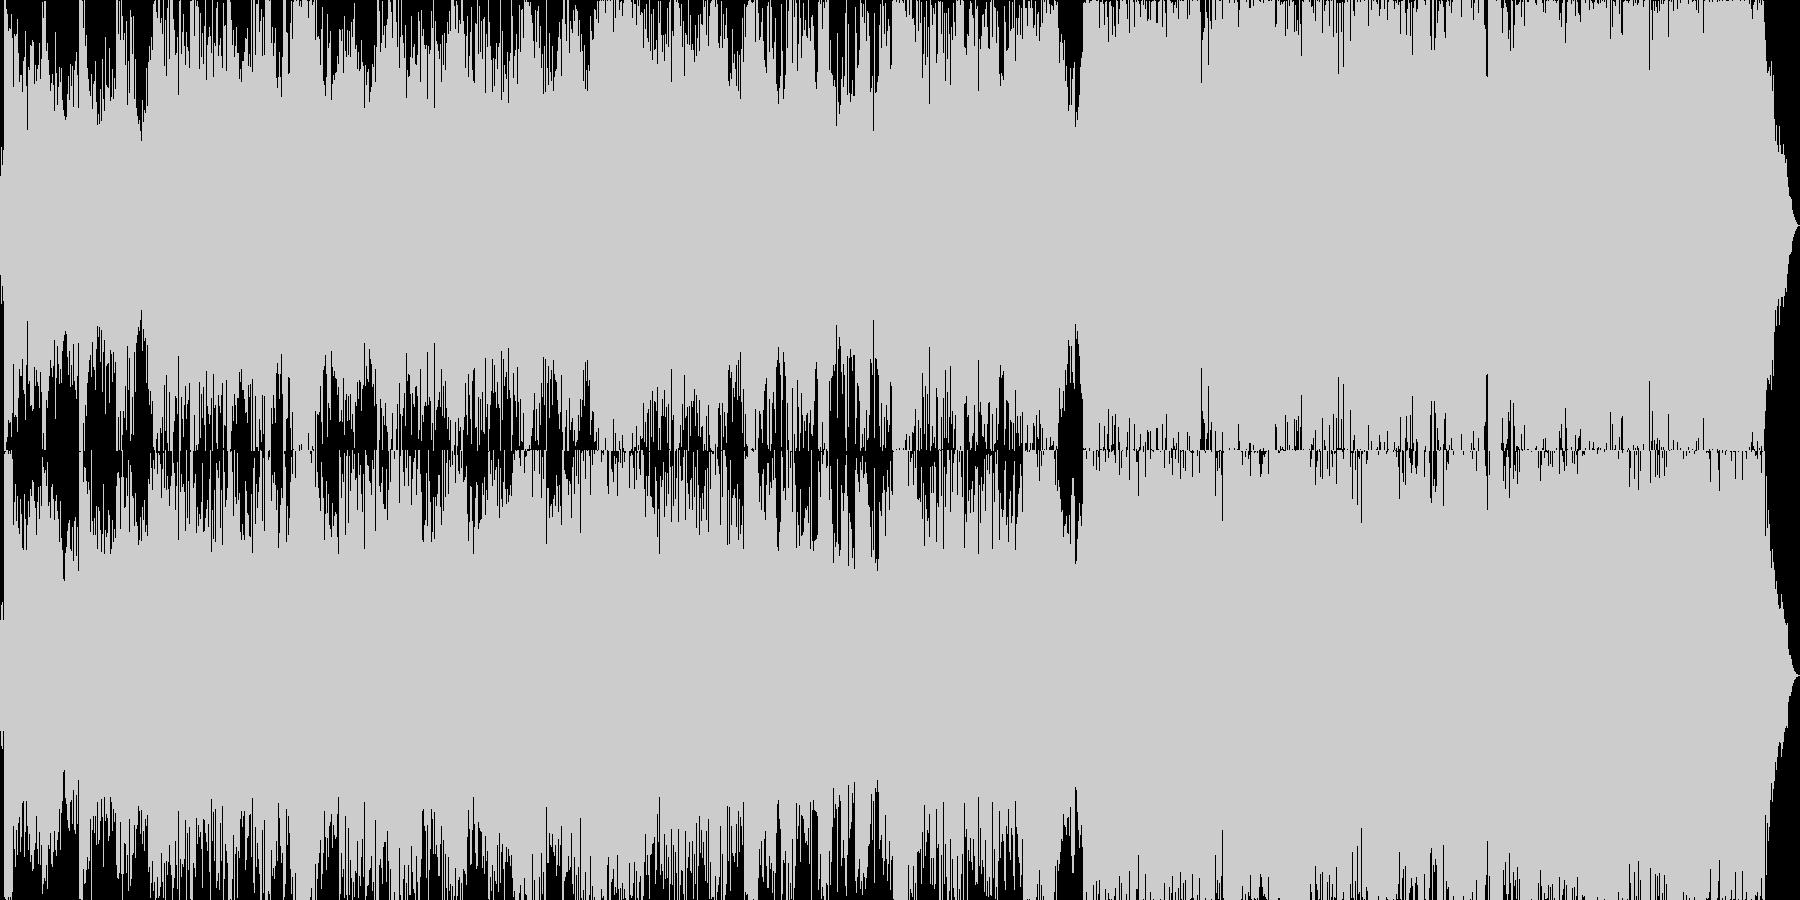 映画音楽的高速ブレイクス■非ループ版の未再生の波形